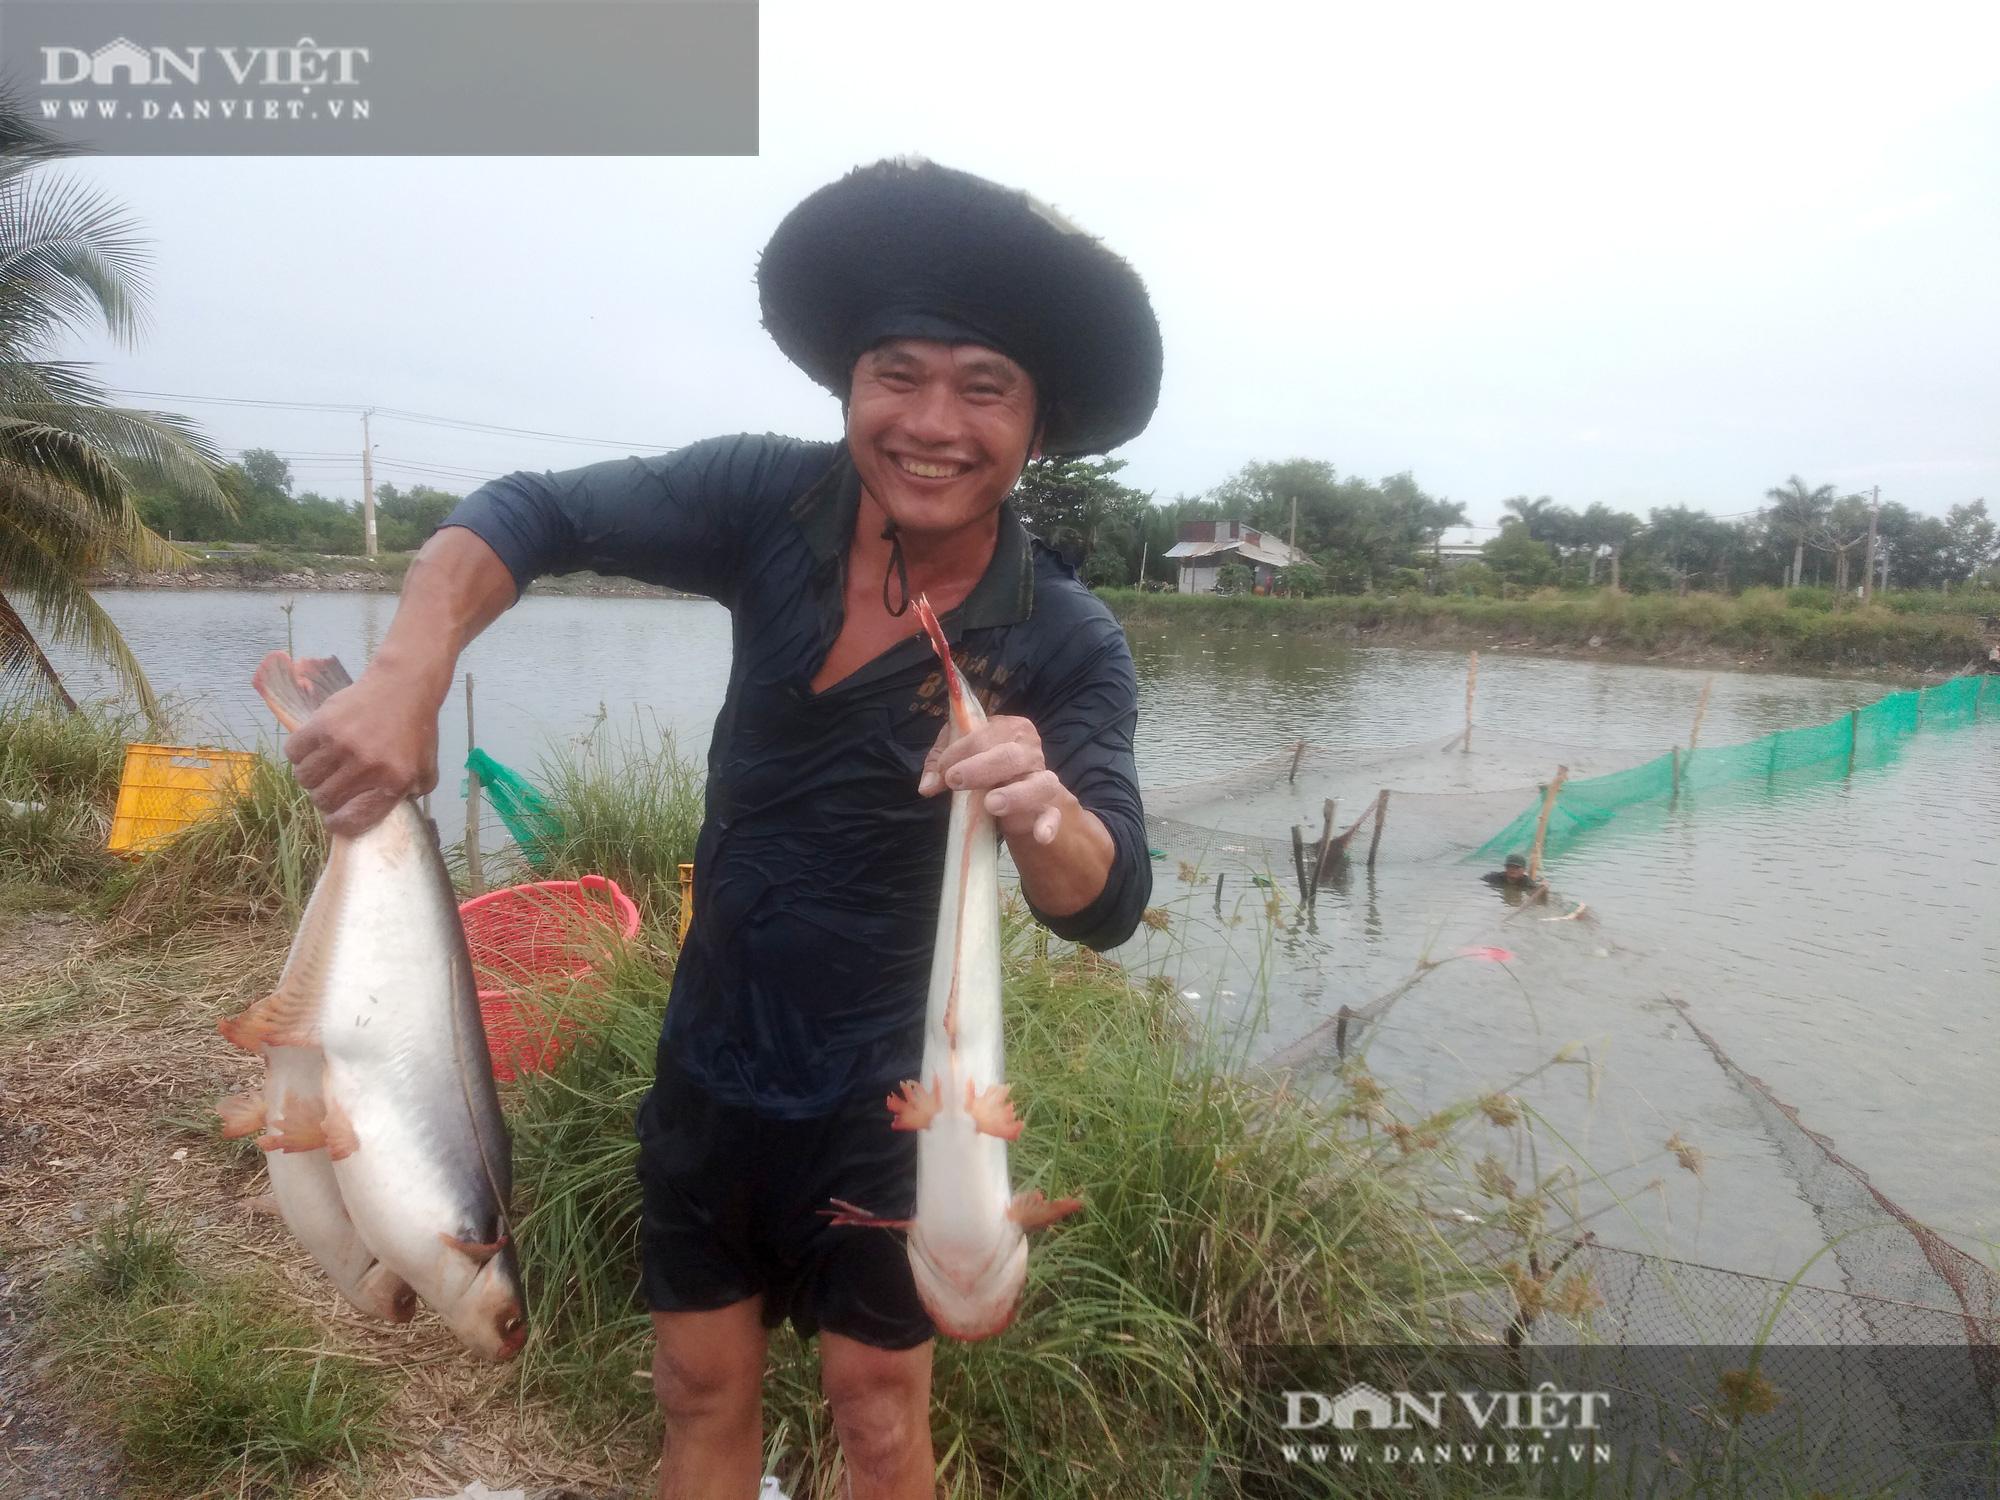 """Dân nuôi cá tra liểng xiểng, bí quyết nào giúp """"Thủ phủ cá tra"""" Sài thành sống sót trong mùa dịch Covid? - Ảnh 3."""